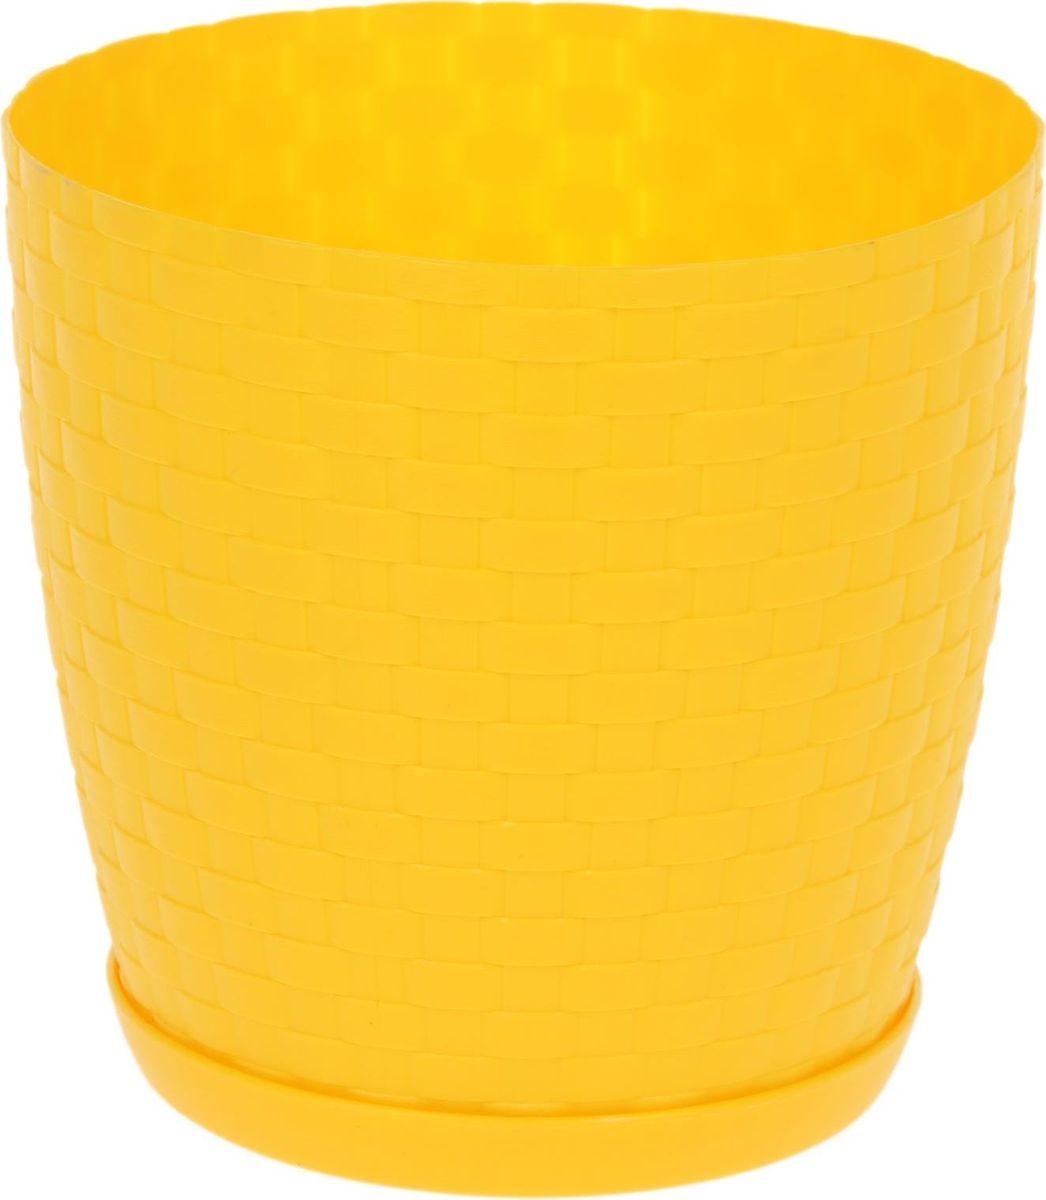 Горшок для цветов Петропласт Ротанг, с поддоном, цвет: желтый, 2 л09840-20.000.00Любой, даже самый современный и продуманный интерьер будет не завершённым без растений. Они не только очищают воздух и насыщают его кислородом, но и заметно украшают окружающее пространство. Такому полезному члену семьи просто необходимо красивое и функциональное кашпо, оригинальный горшок или необычная ваза! Мы предлагаем - Горшок для цветов 2 л с поддоном Ротанг, цвет желтый! Оптимальный выбор материала пластмасса! Почему мы так считаем? -Малый вес. С лёгкостью переносите горшки и кашпо с места на место, ставьте их на столики или полки, подвешивайте под потолок, не беспокоясь о нагрузке. -Простота ухода. Пластиковые изделия не нуждаются в специальных условиях хранения. Их легко чистить достаточно просто сполоснуть тёплой водой. -Никаких царапин. Пластиковые кашпо не царапают и не загрязняют поверхности, на которых стоят. -Пластик дольше хранит влагу, а значит растение реже нуждается в поливе. -Пластмасса не пропускает воздух корневой системе растения не грозят резкие перепады температур. -Огромный выбор форм, декора и расцветок вы без труда подберёте что-то, что идеально впишется в уже существующий интерьер. Соблюдая нехитрые правила ухода, вы можете заметно продлить срок службы горшков, вазонов и кашпо из пластика: -всегда учитывайте размер кроны и корневой системы растения (при разрастании большое растение способно повредить маленький горшок)-берегите изделие от воздействия прямых солнечных лучей, чтобы кашпо и горшки не выцветали-держите кашпо и горшки из пластика подальше от нагревающихся поверхностей. Создавайте прекрасные цветочные композиции, выращивайте рассаду или необычные растения, а низкие цены позволят вам не ограничивать себя в выборе.